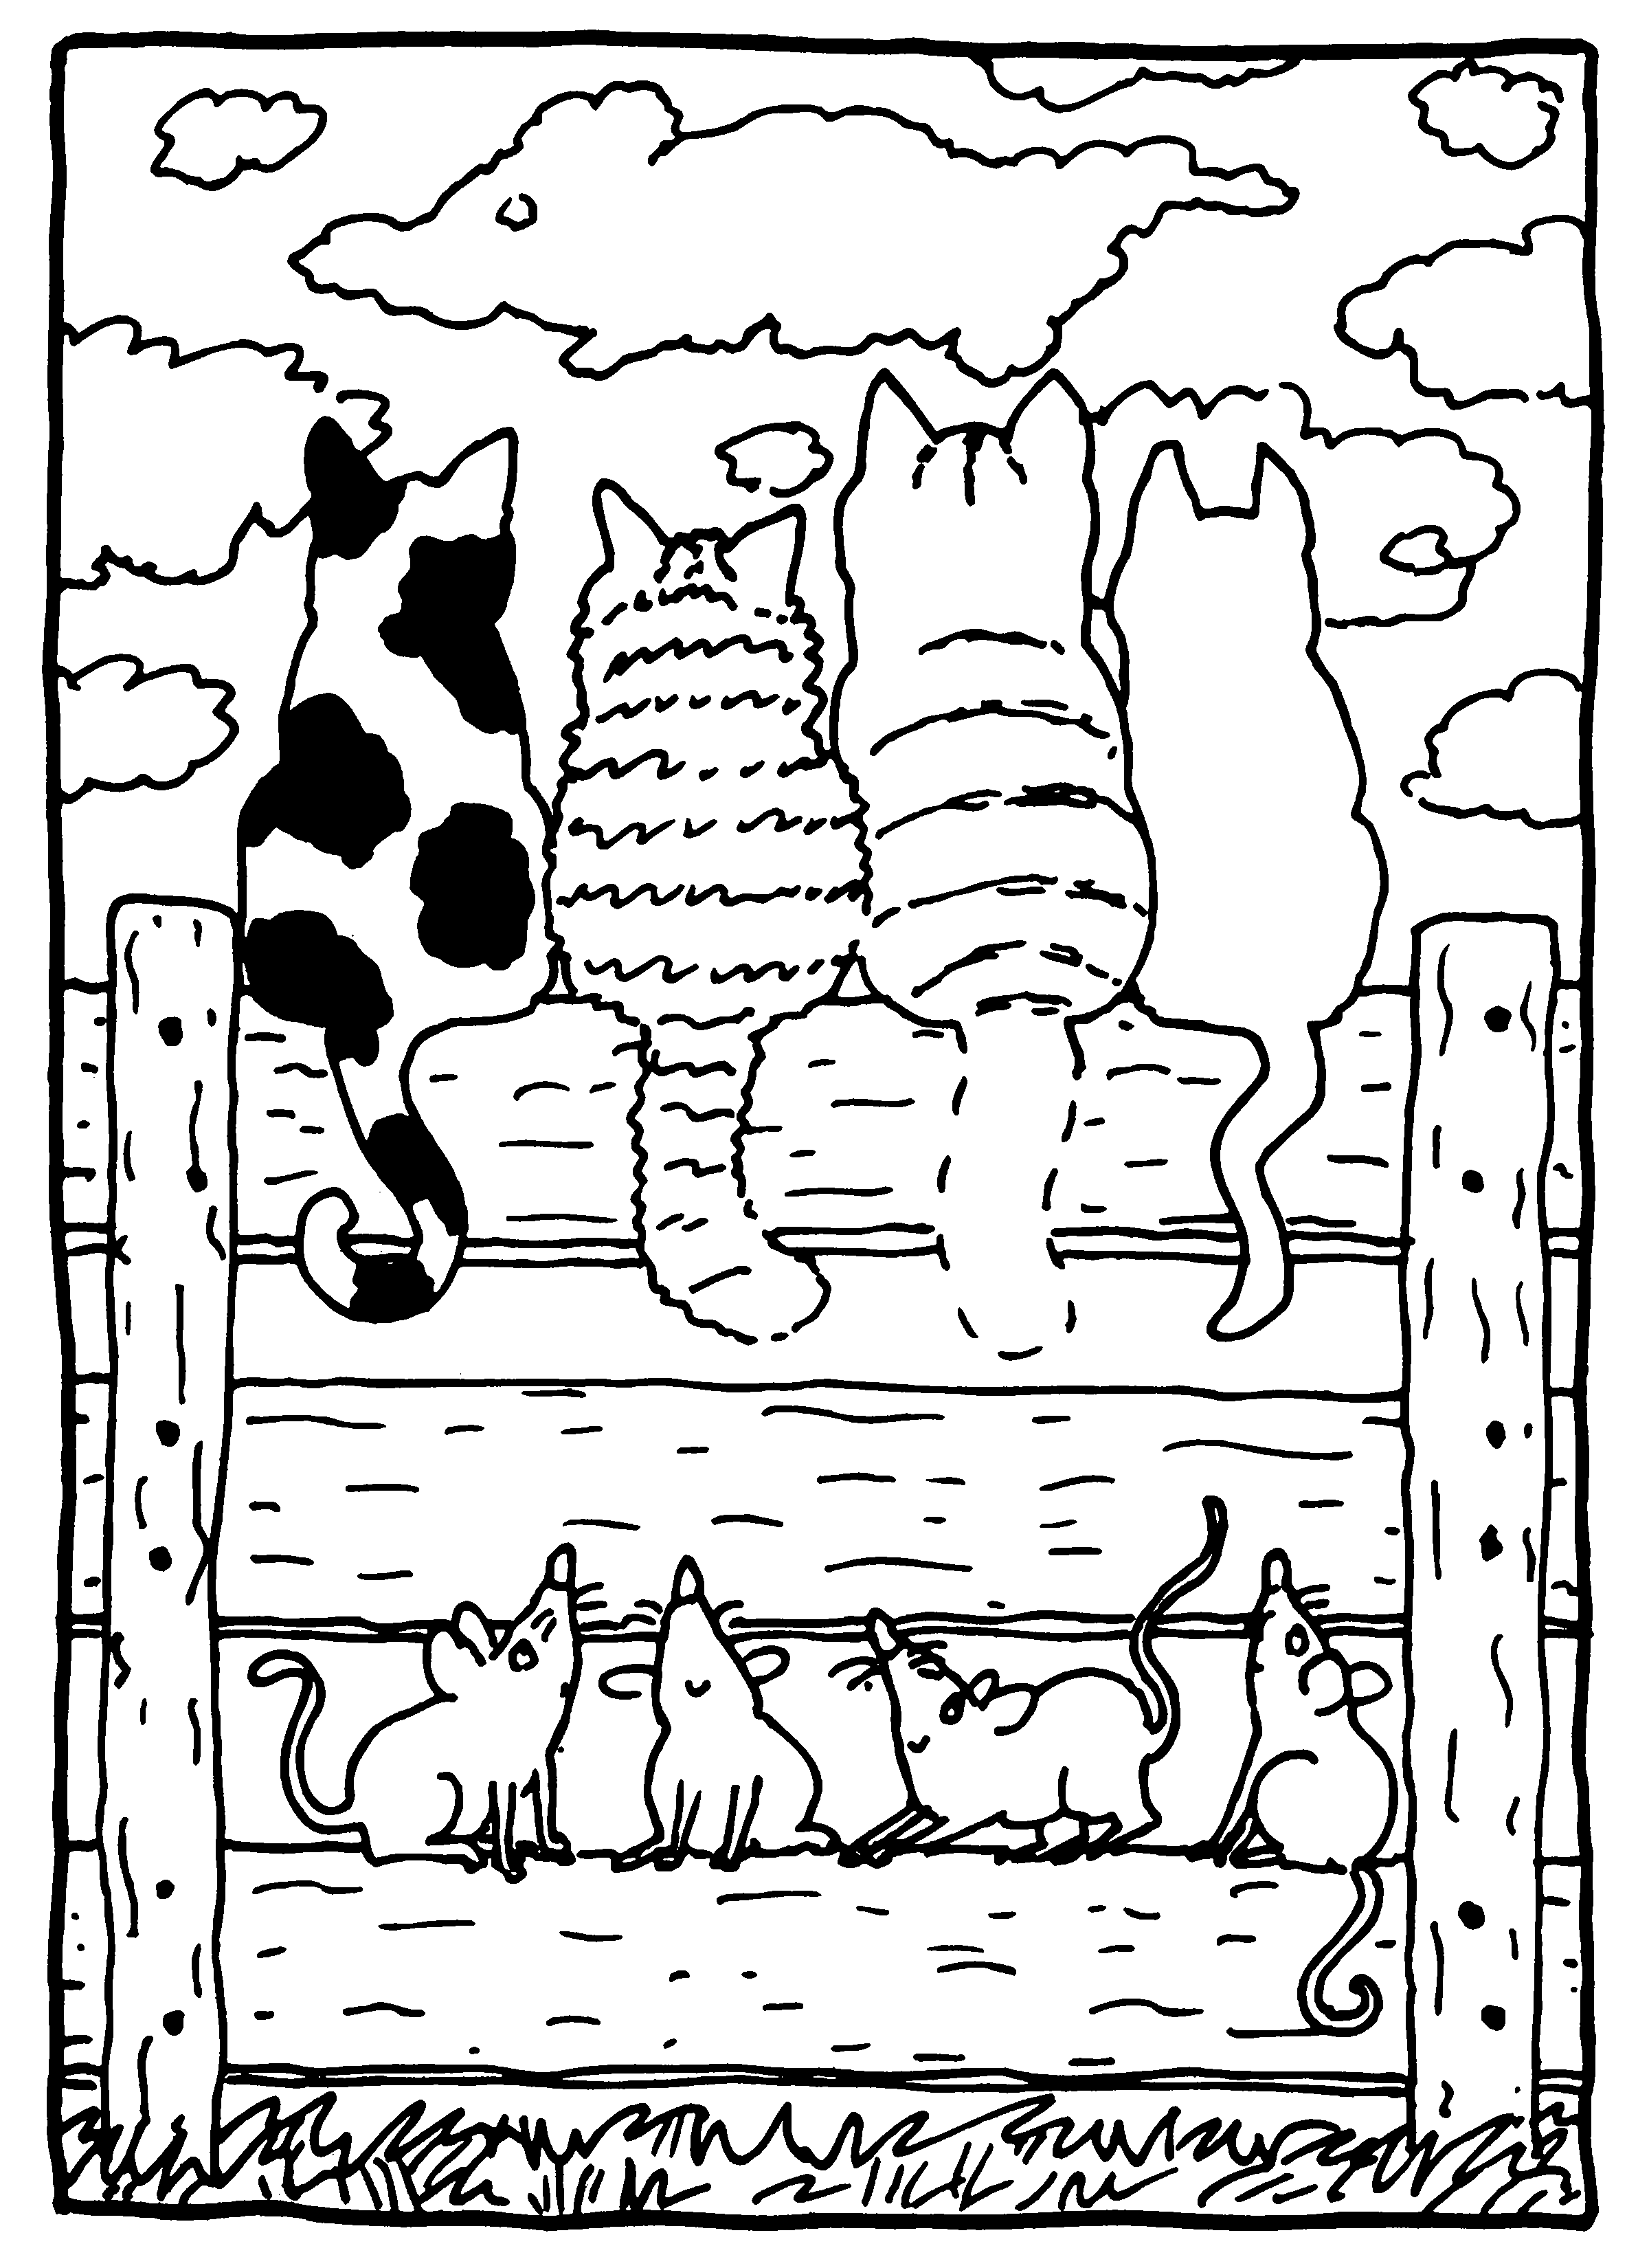 dikkie dik met de katten op het hek i